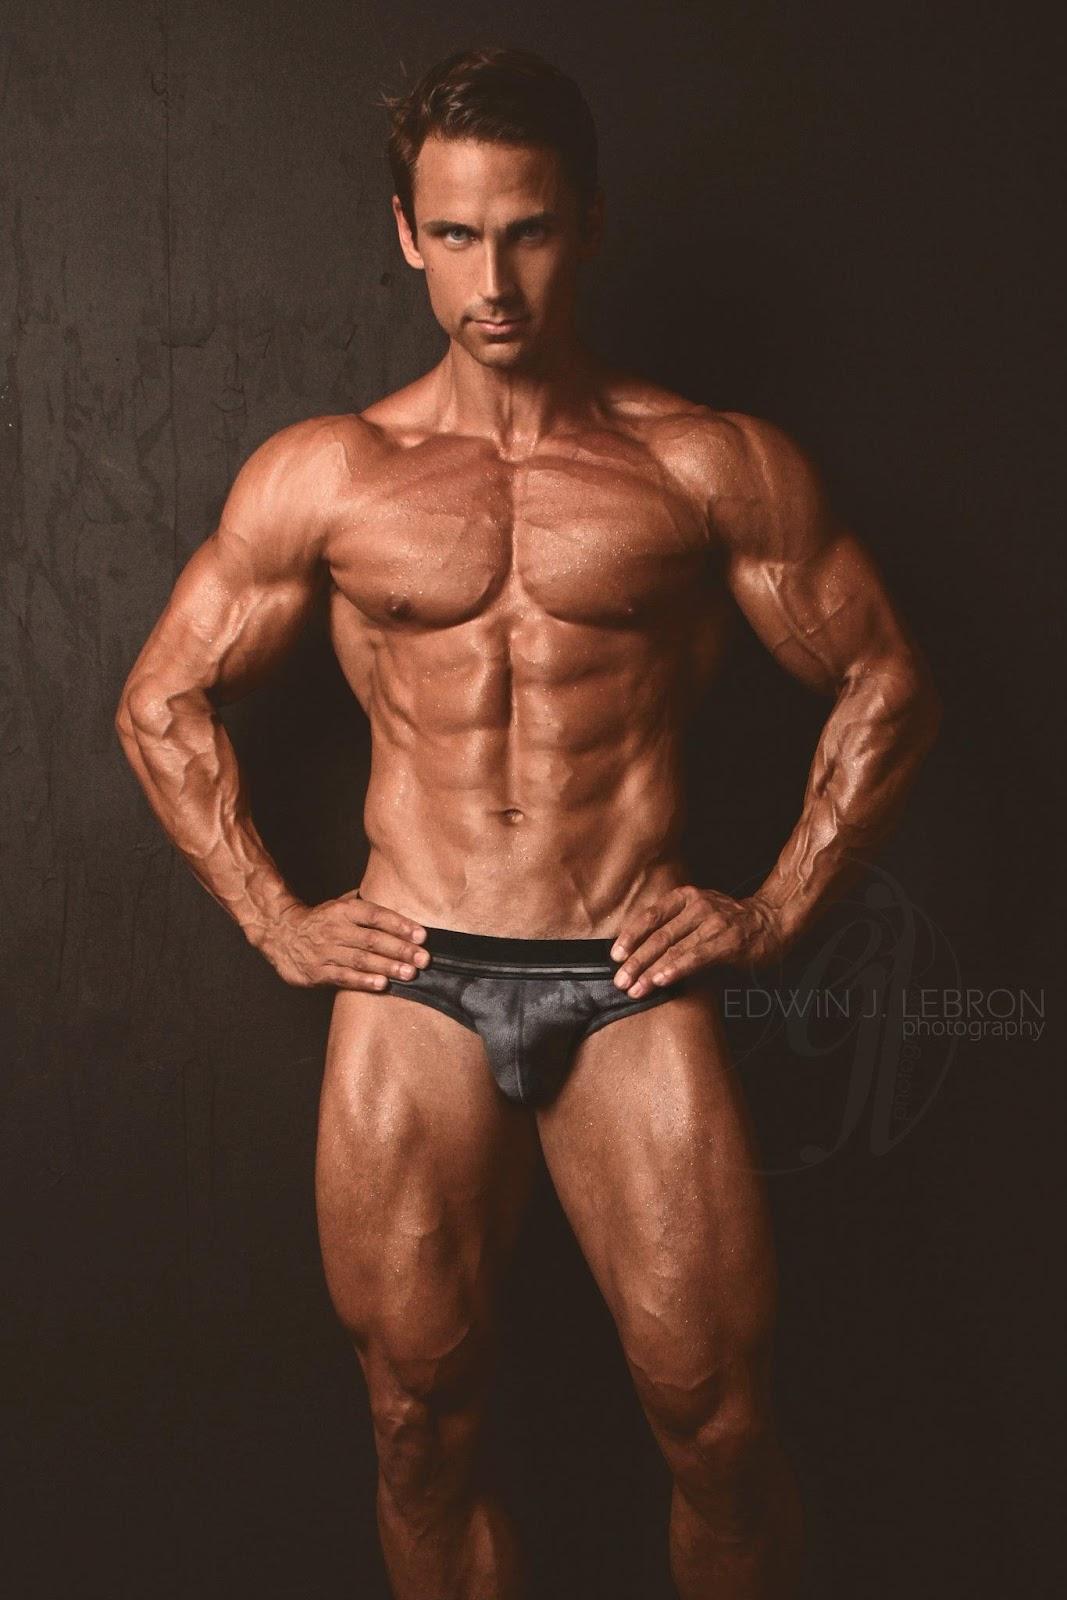 morin Male fitness david model